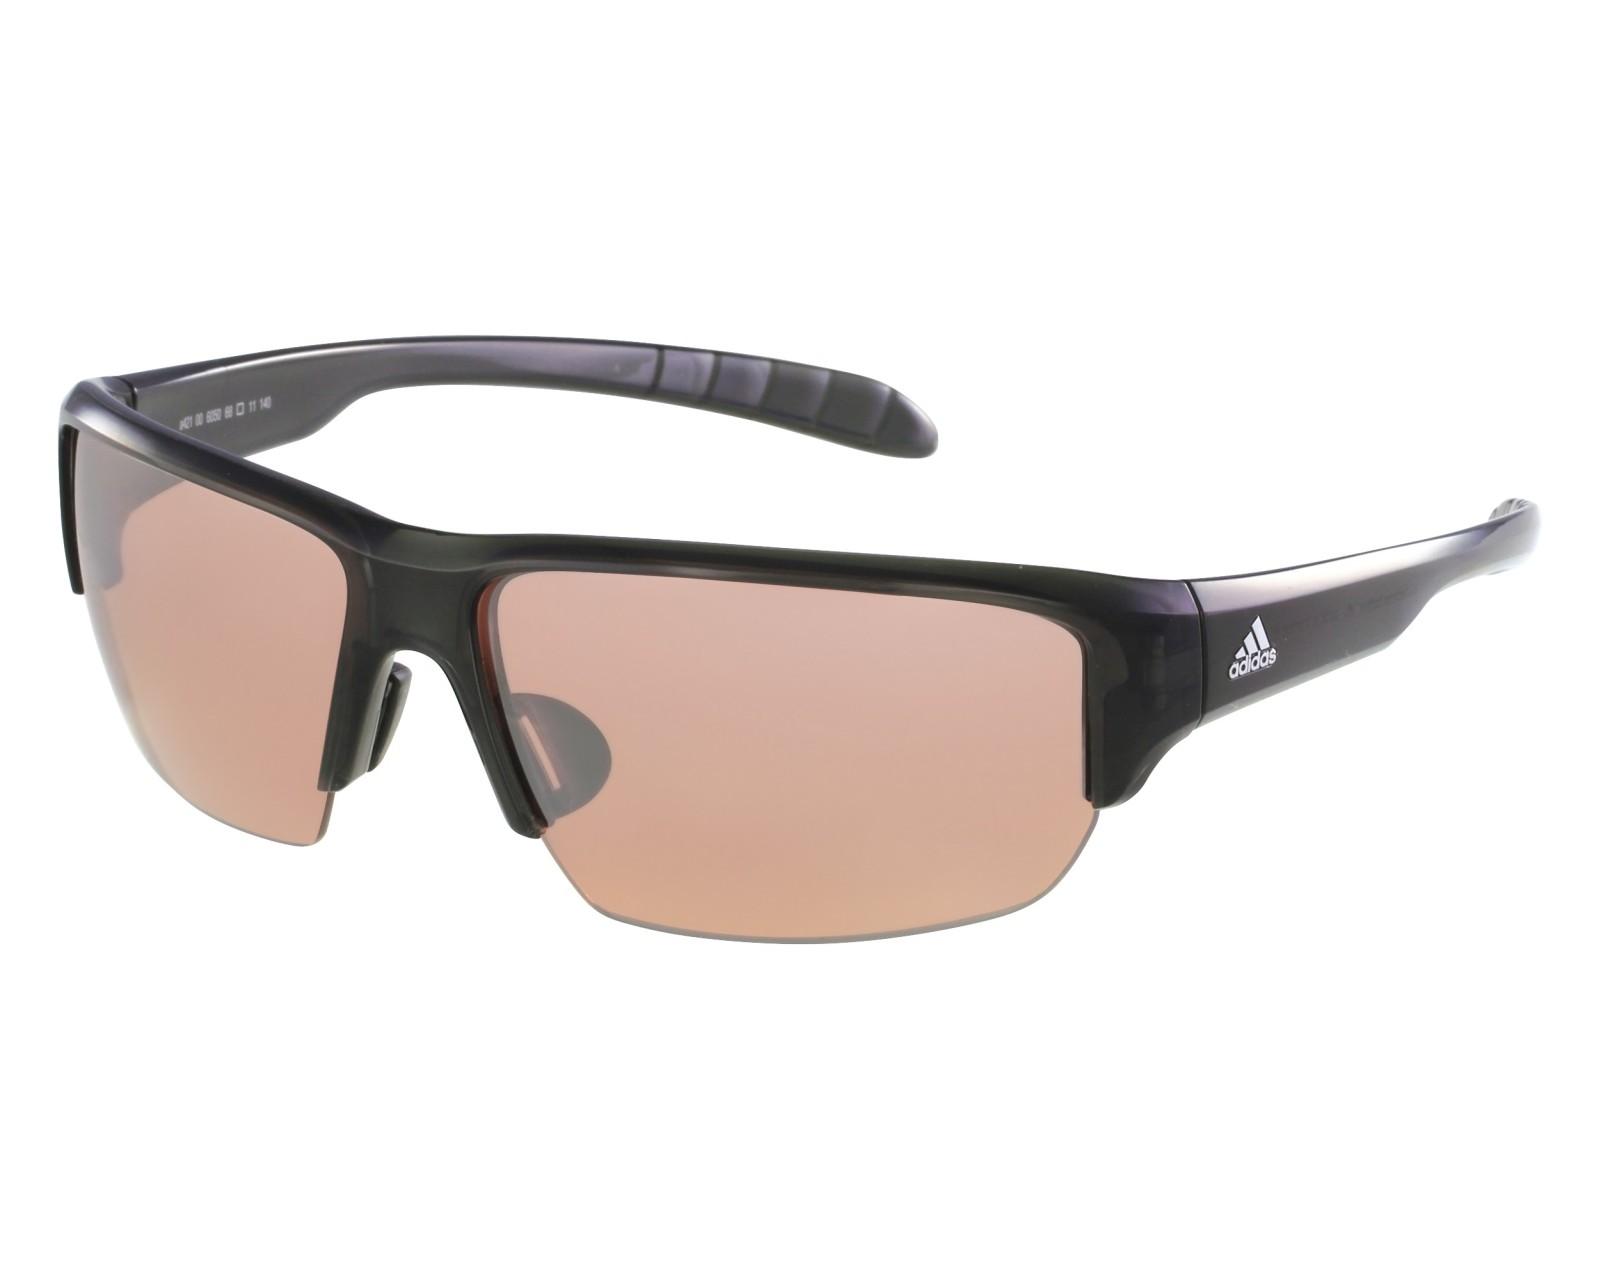 2871d602d1 Adidas Kumacross Sunglasses